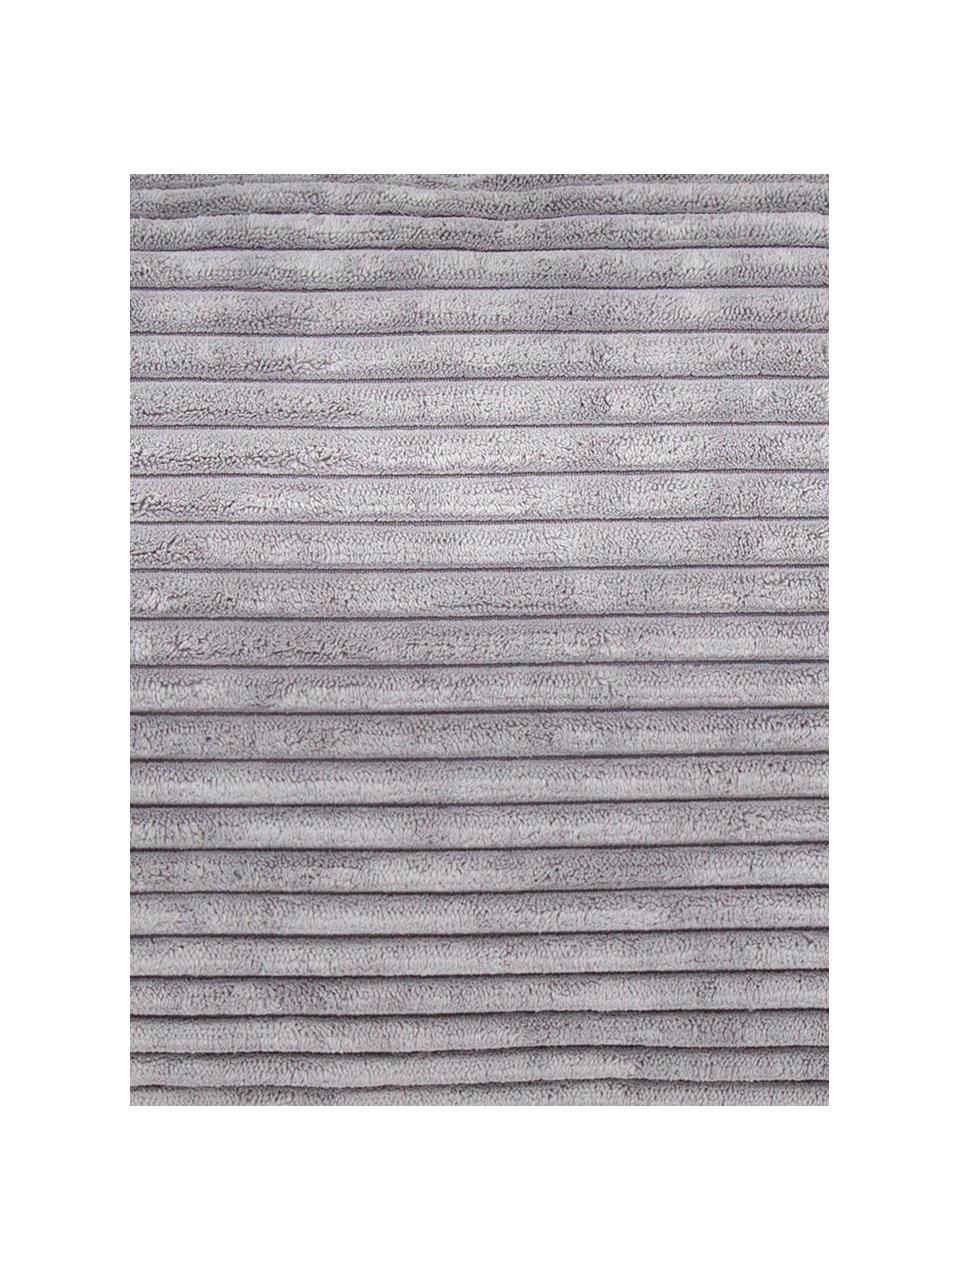 Pouf sacco in velluto a coste Velours, Rivestimento: 88% nylon, 12% poliestere, Grigio chiaro, Ø 110 x Alt. 70 cm